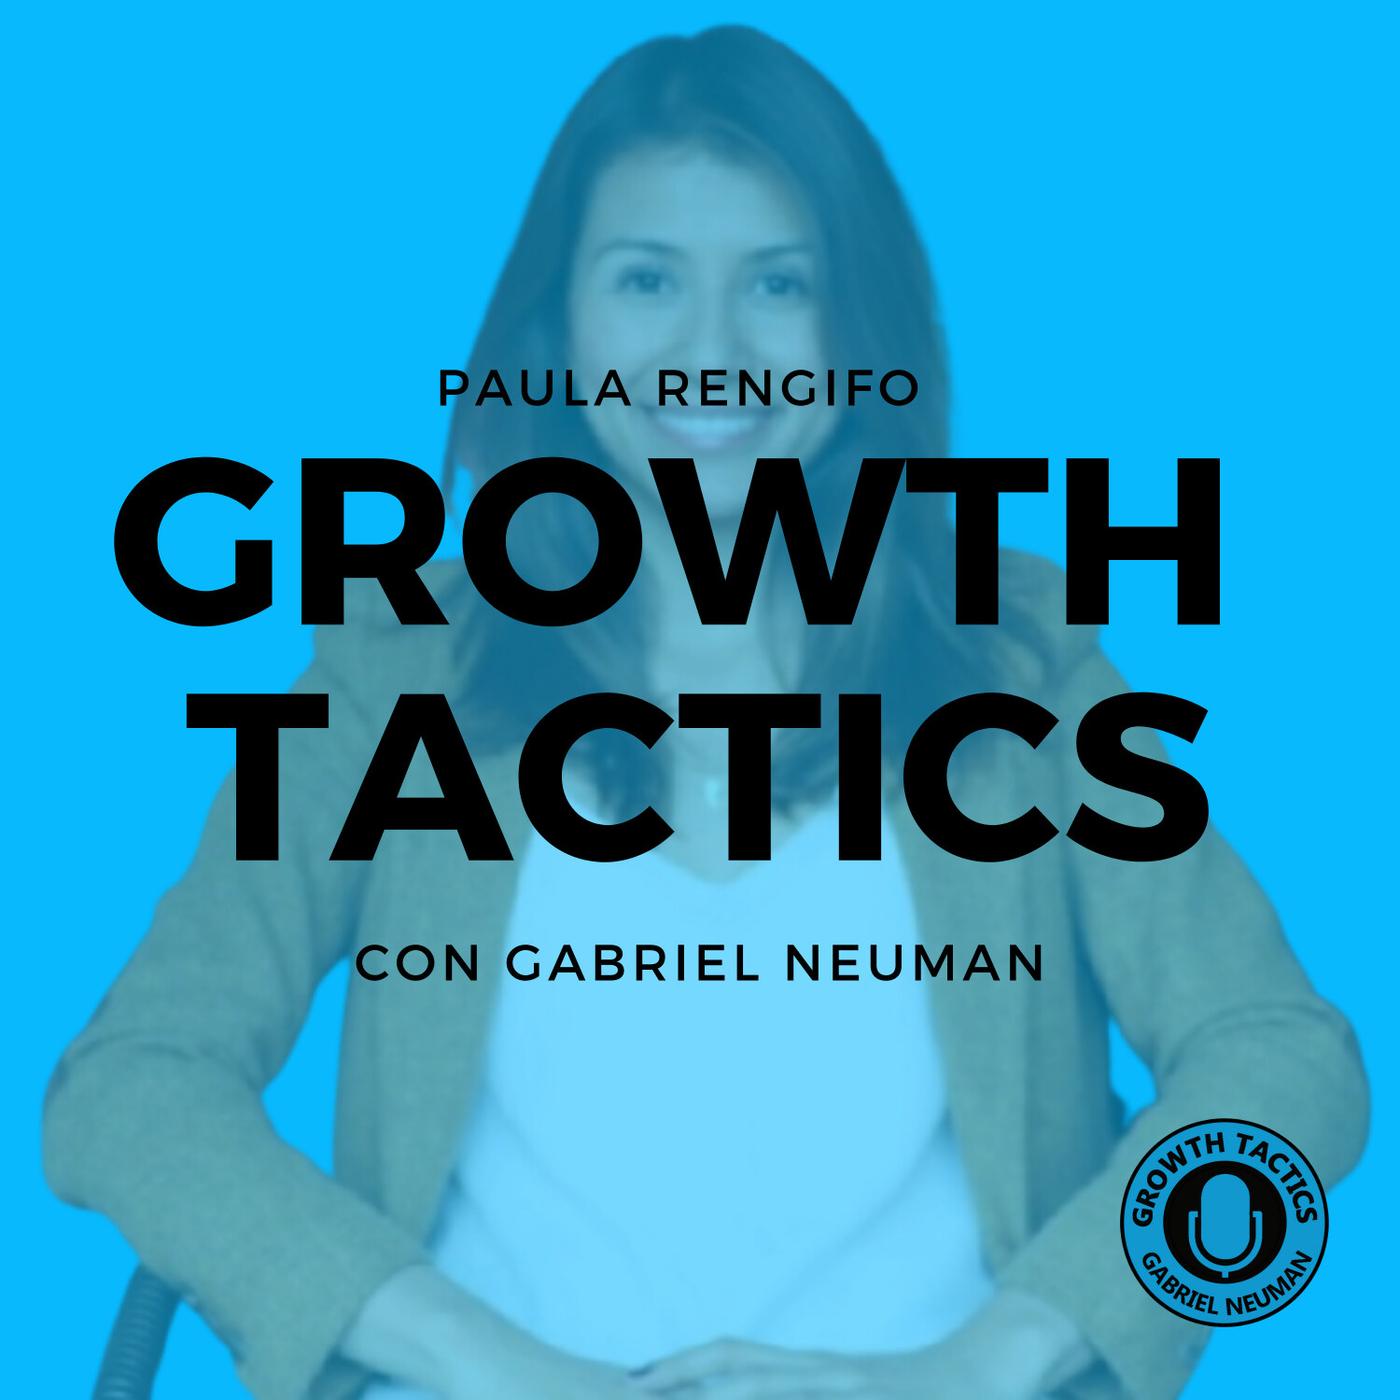 Paula Regifo: Sal a probar tus hipótesis para llegar a tu mercado. - Growth Tactics con Gabriel Neuman